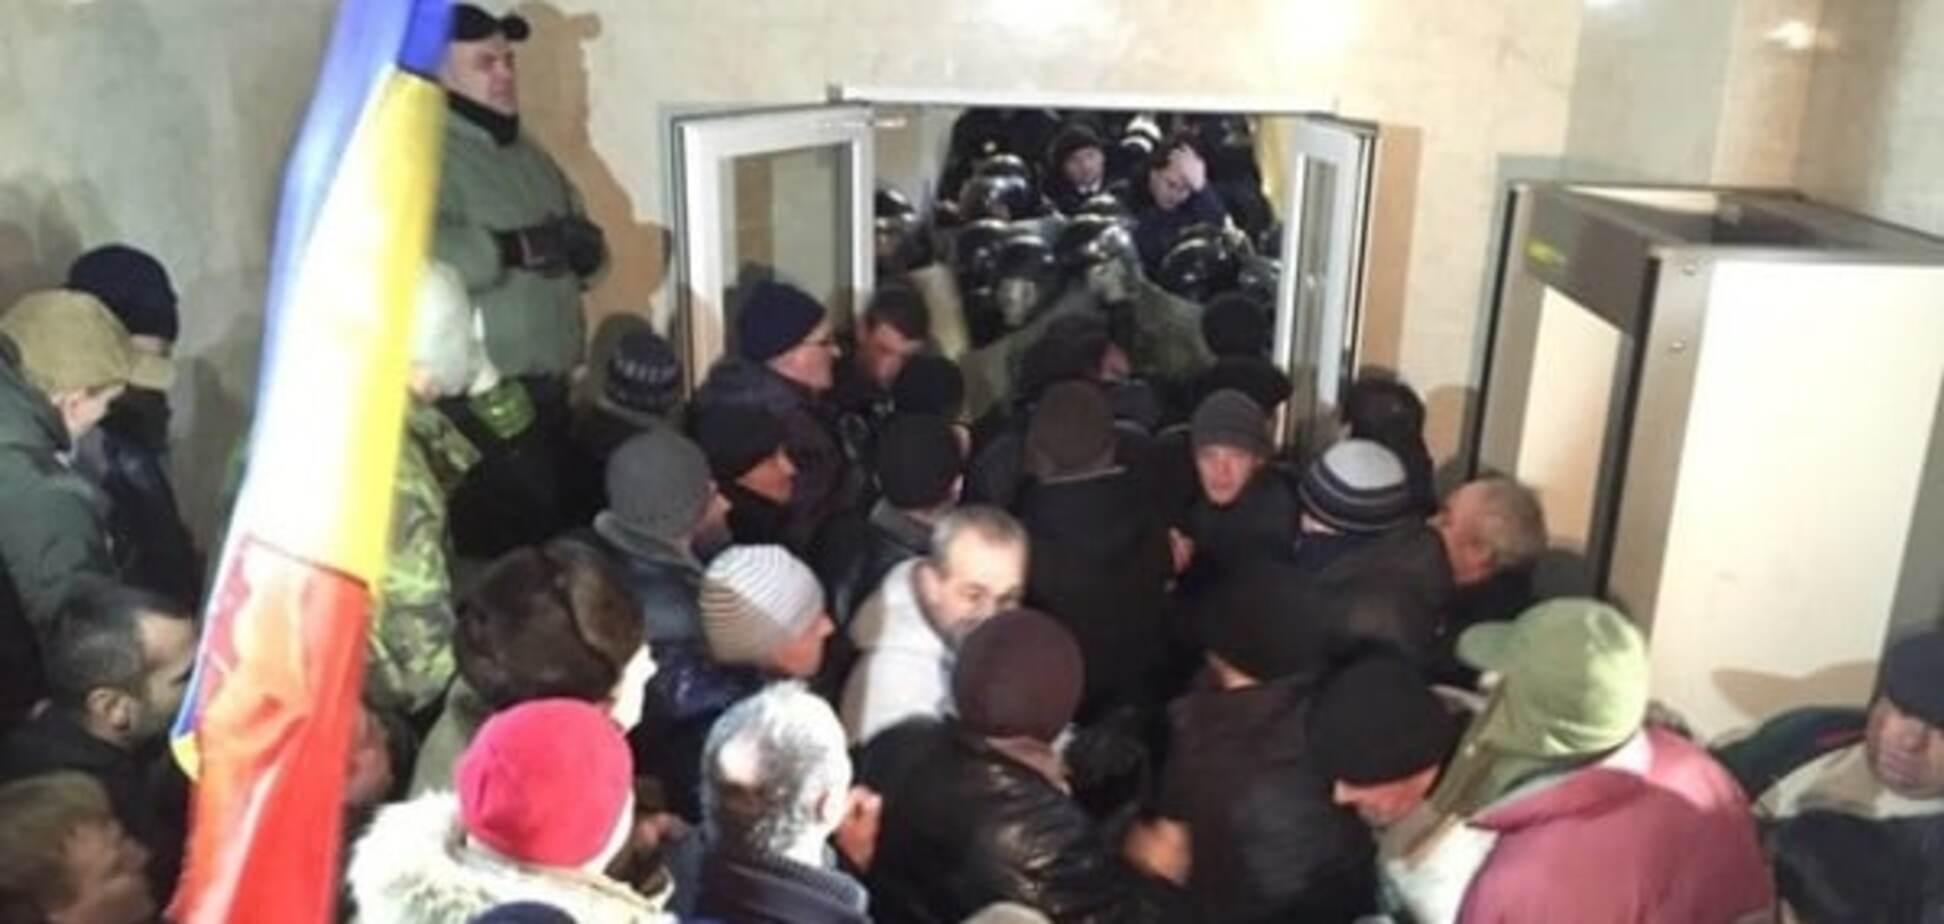 Протести в Молдові: всі винні в безладах будуть покарані